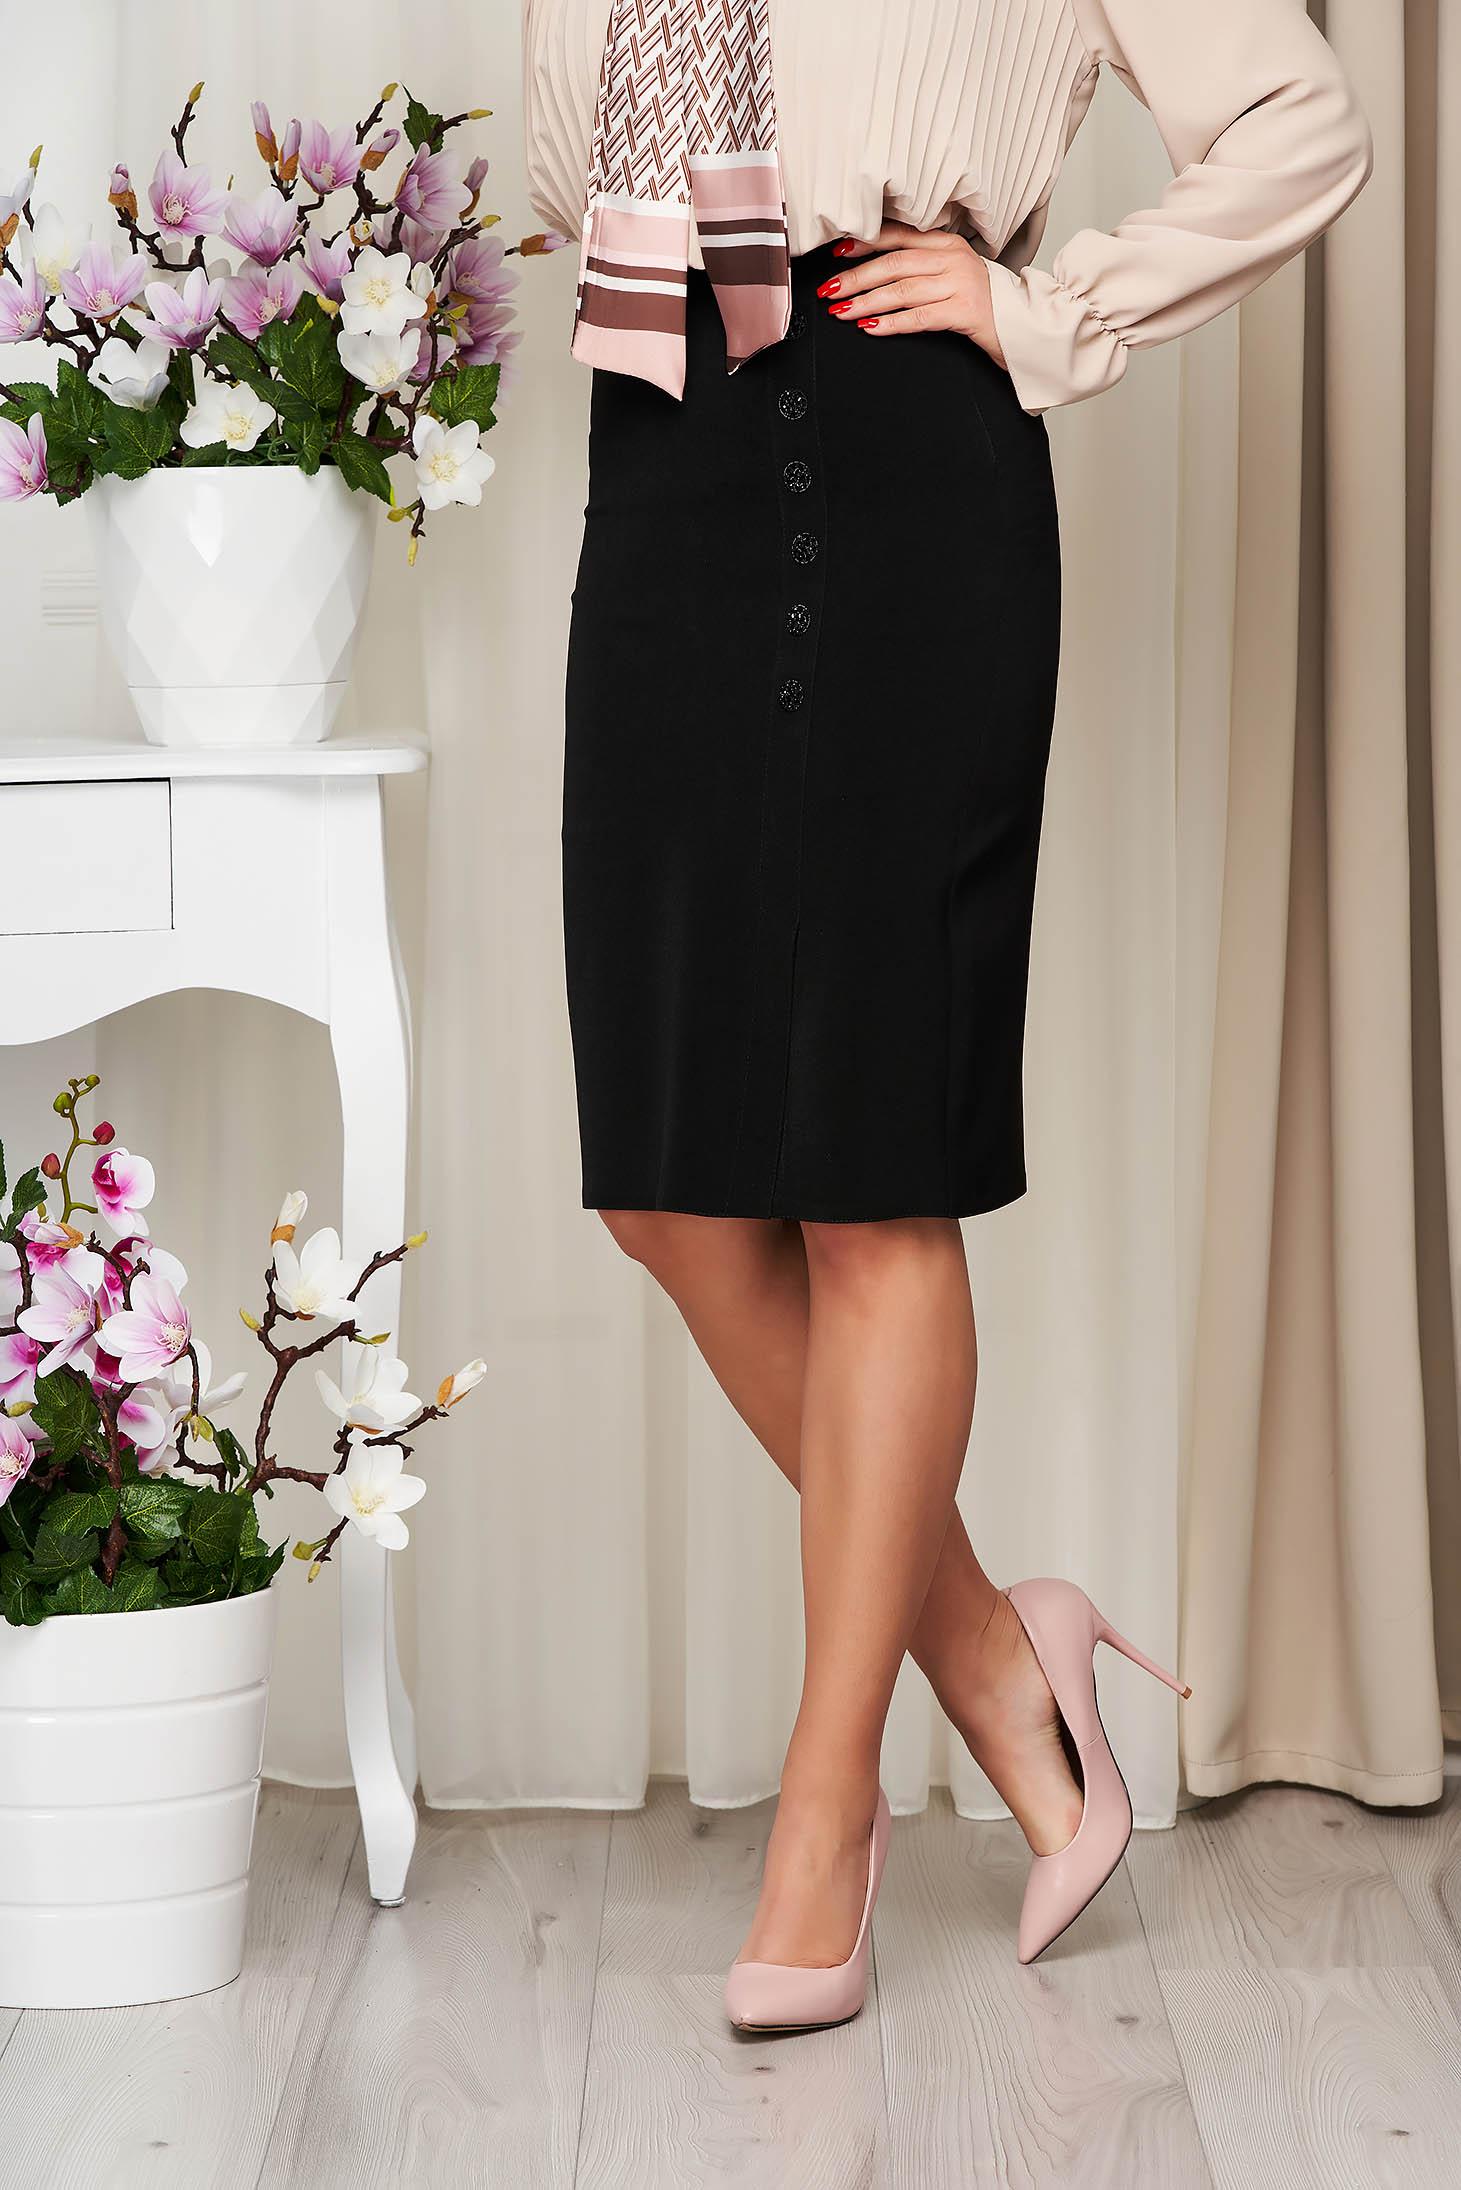 Fusta neagra midi eleganta din stofa elastica cu talie inalta accesorizata cu nasturi